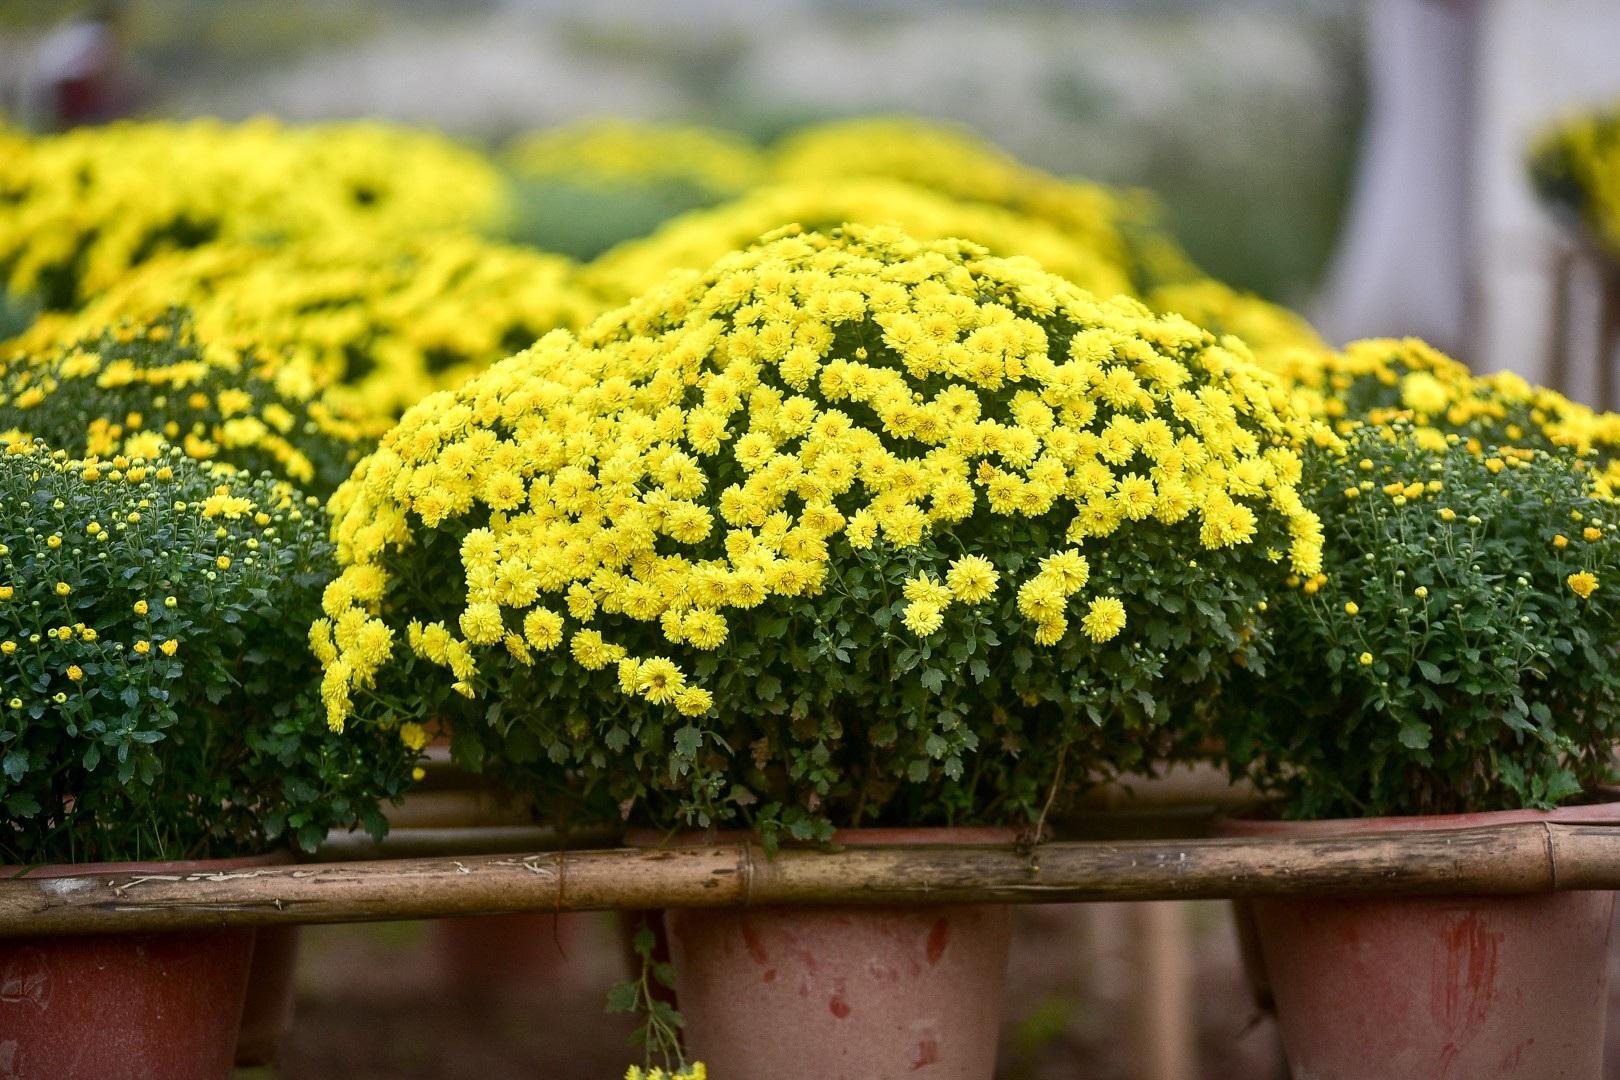 Phát sốt với vườn hoa cúc mâm xôi tuyệt đẹp ngay giữa Thủ đô - Ảnh 3.